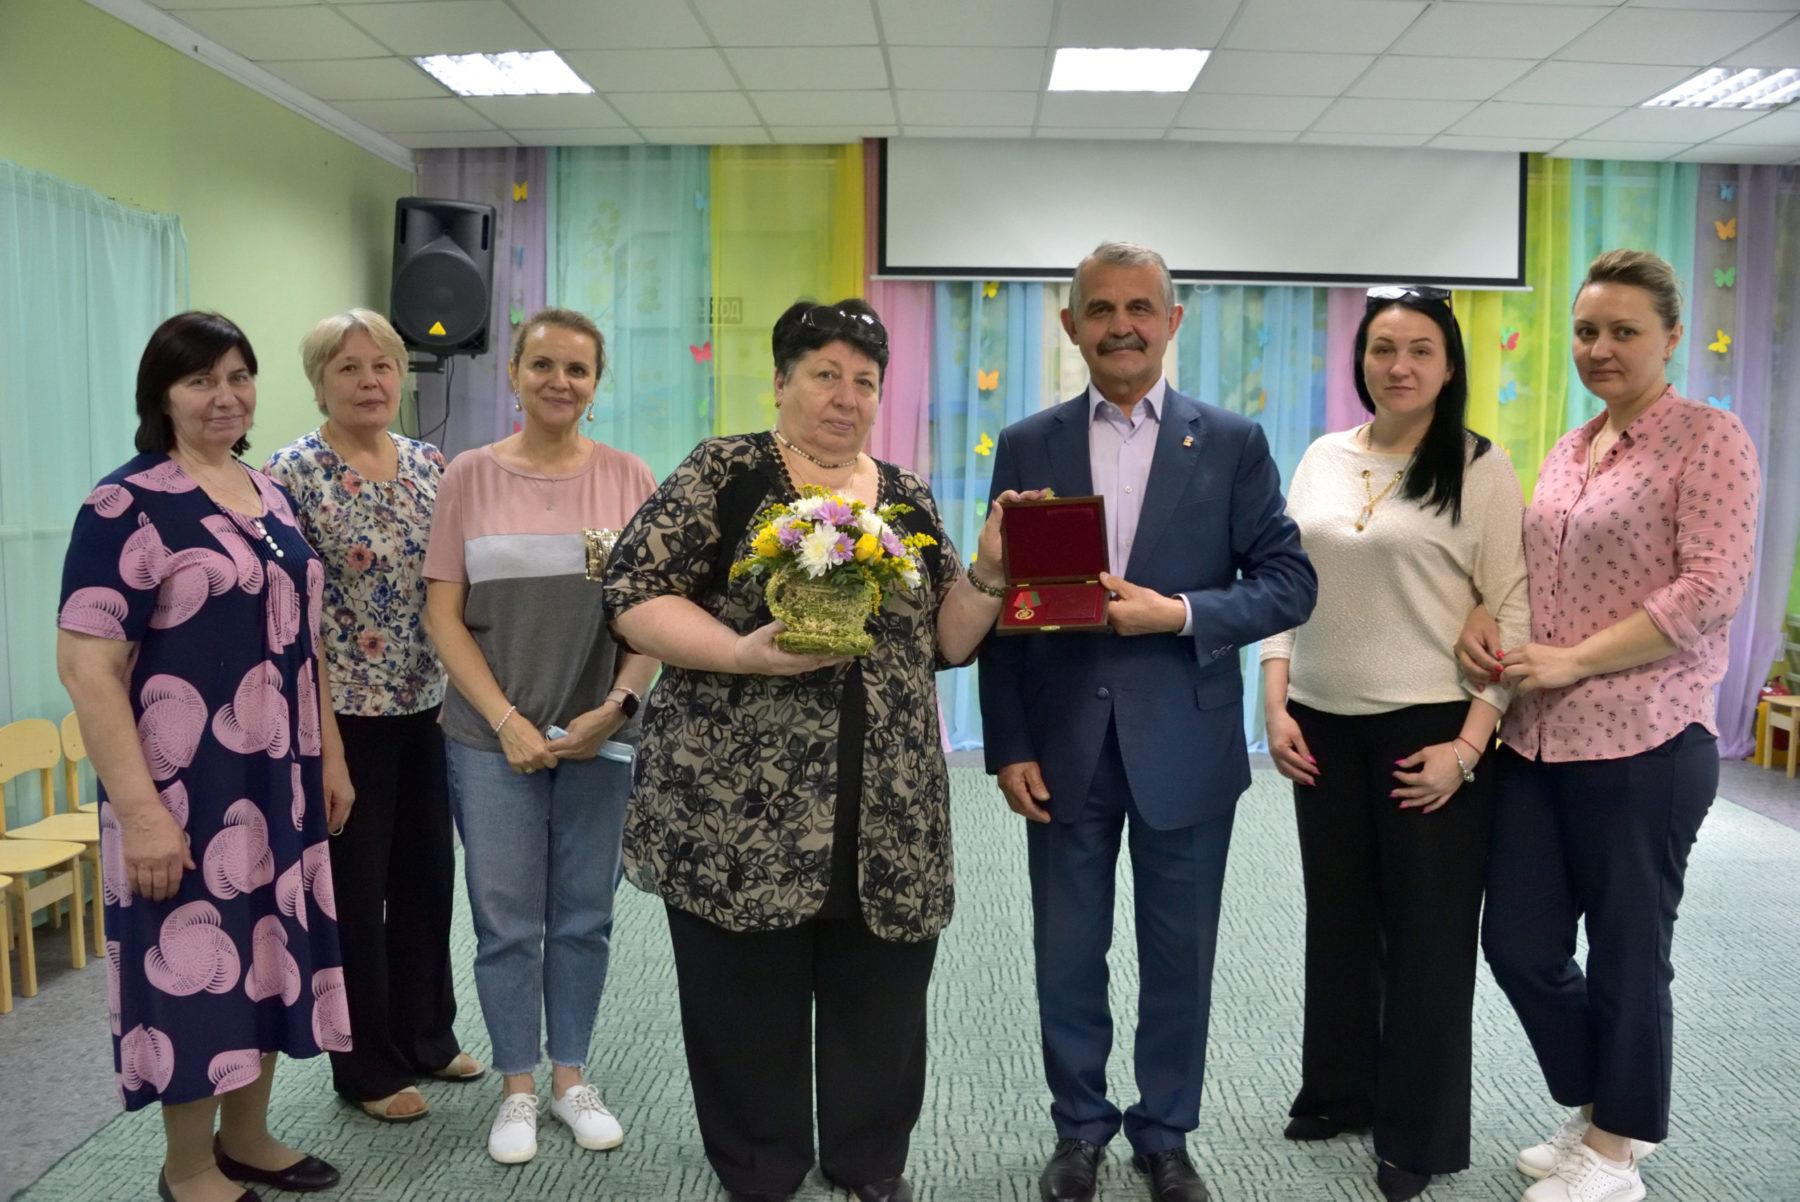 Заведующая балашихинским детским садом № 29 награждена знаком Мособлдумы «За труды»